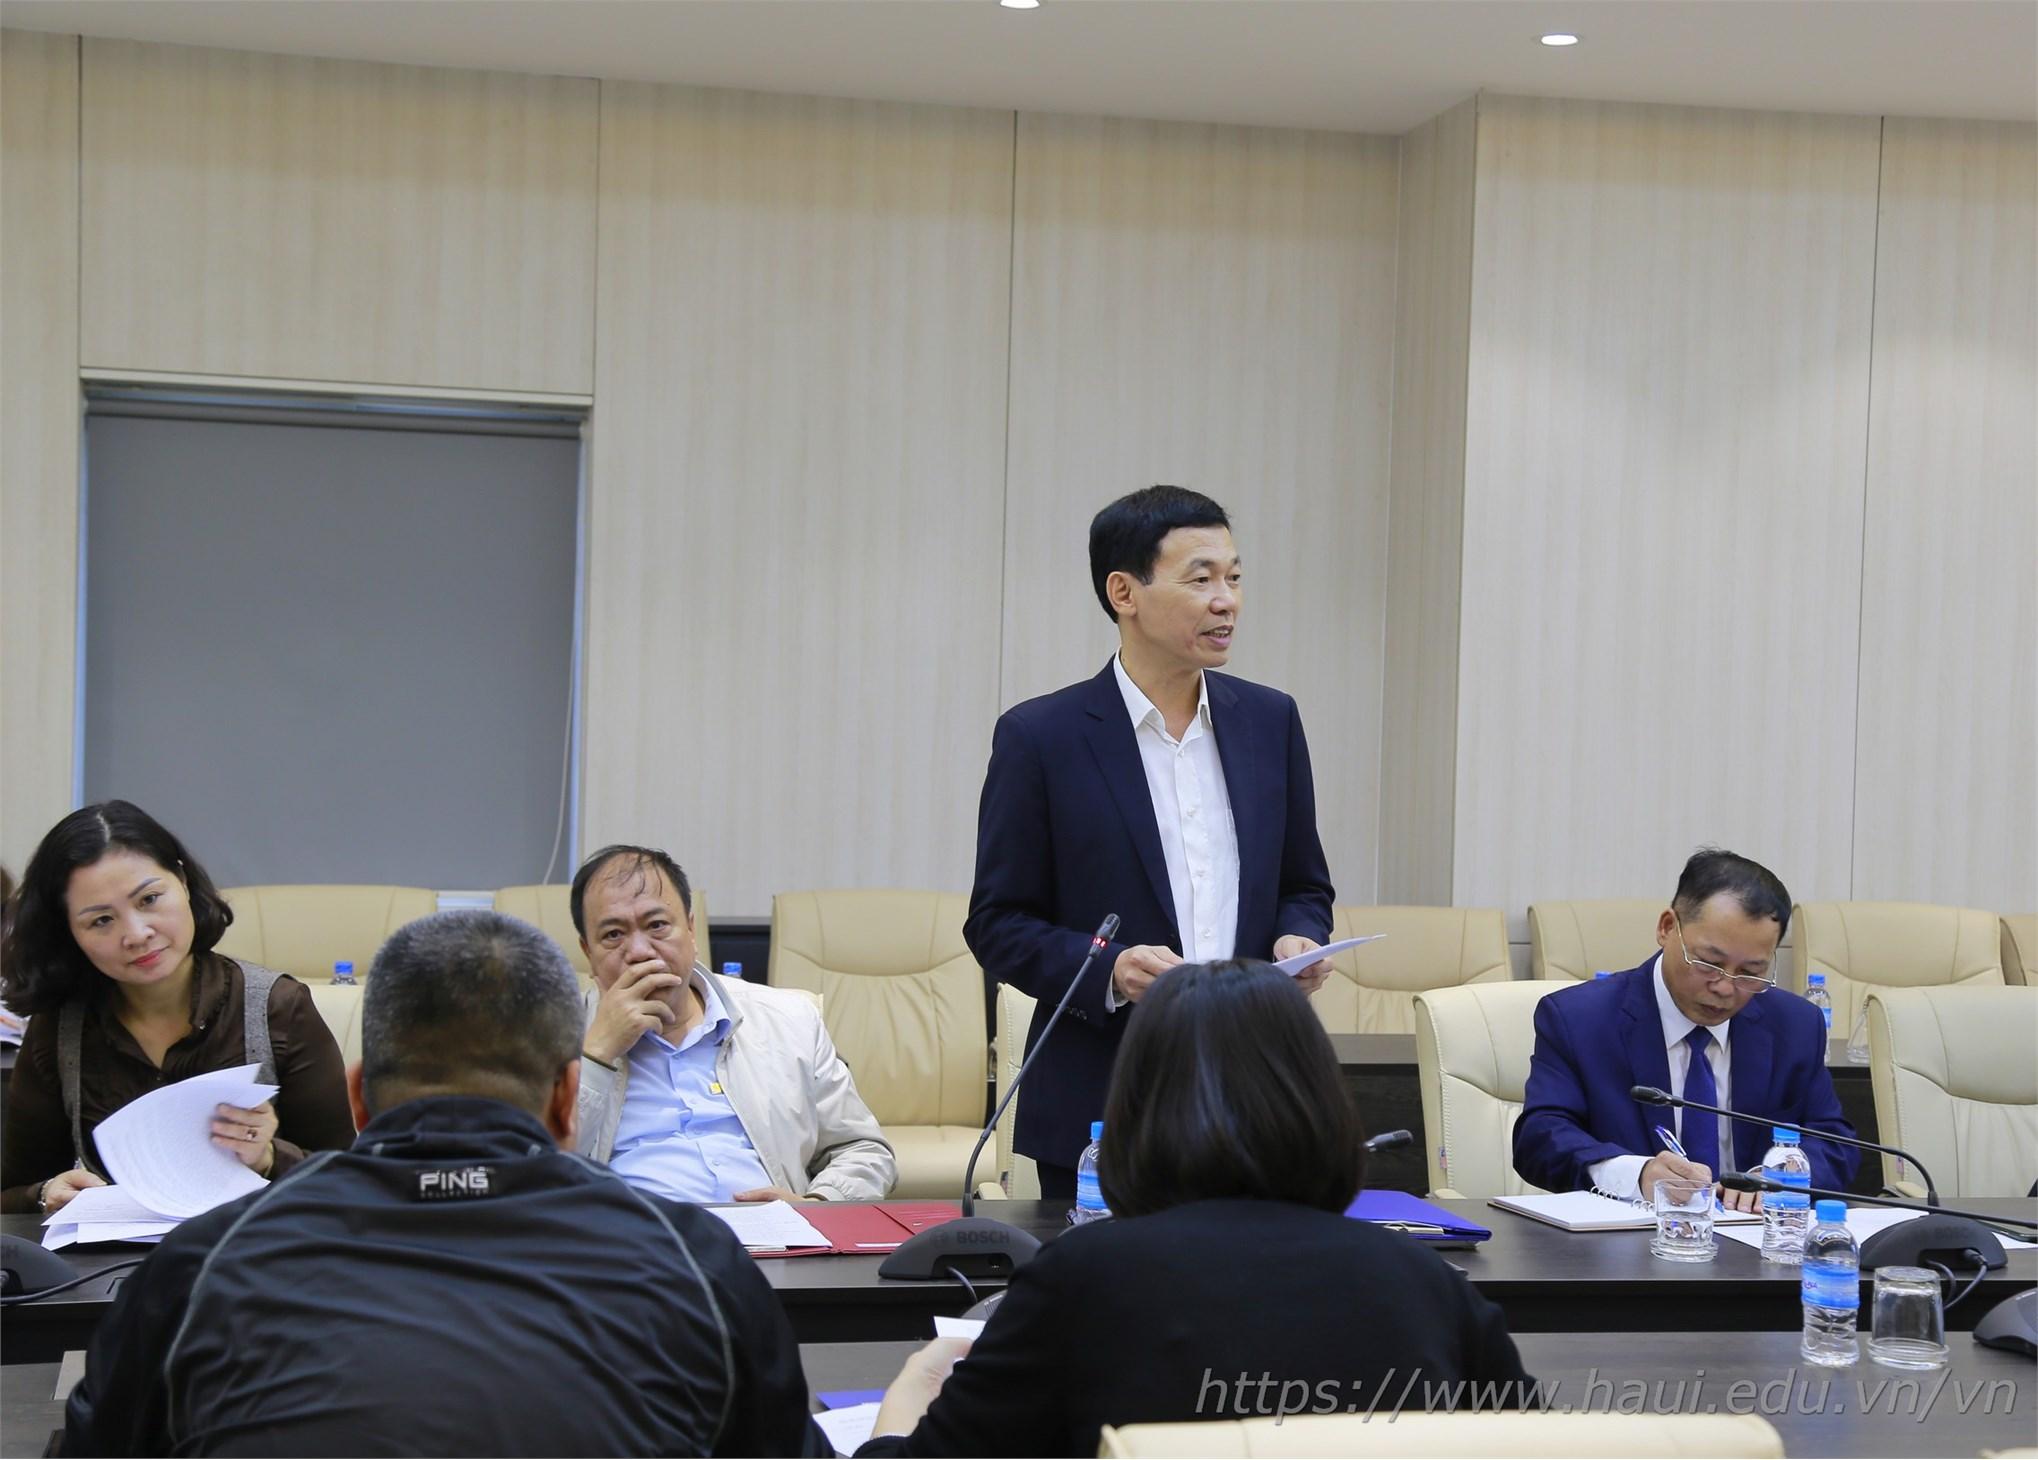 Hội nghị tổng kết công tác đảm bảo ANTT năm học 2019 – 2020 và triển khai kế hoạch đảm bảo ANTT năm học 2020 – 2021